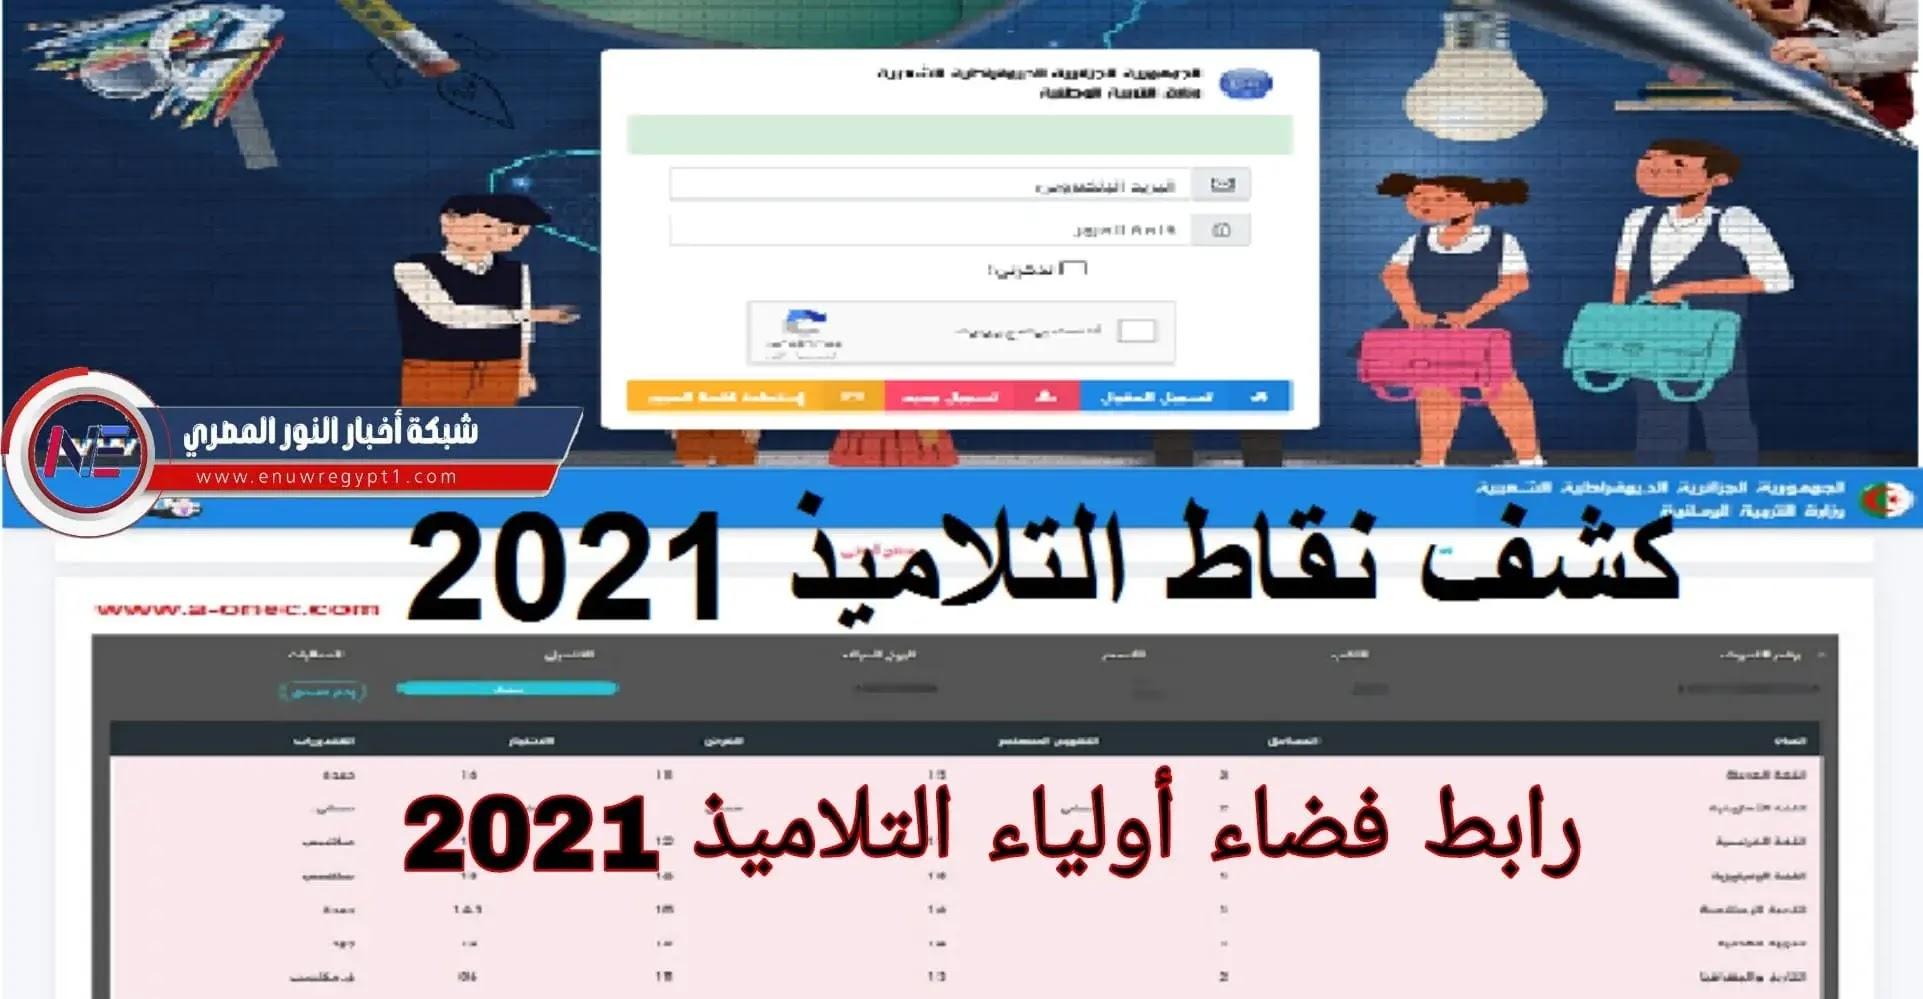 استعلم عنها .. نتائج كشف نقاط الفصل الثاني 2021 جميع المراحل عبر موقع فضاء أولياء التلاميذ tharwa.education.gov.dz